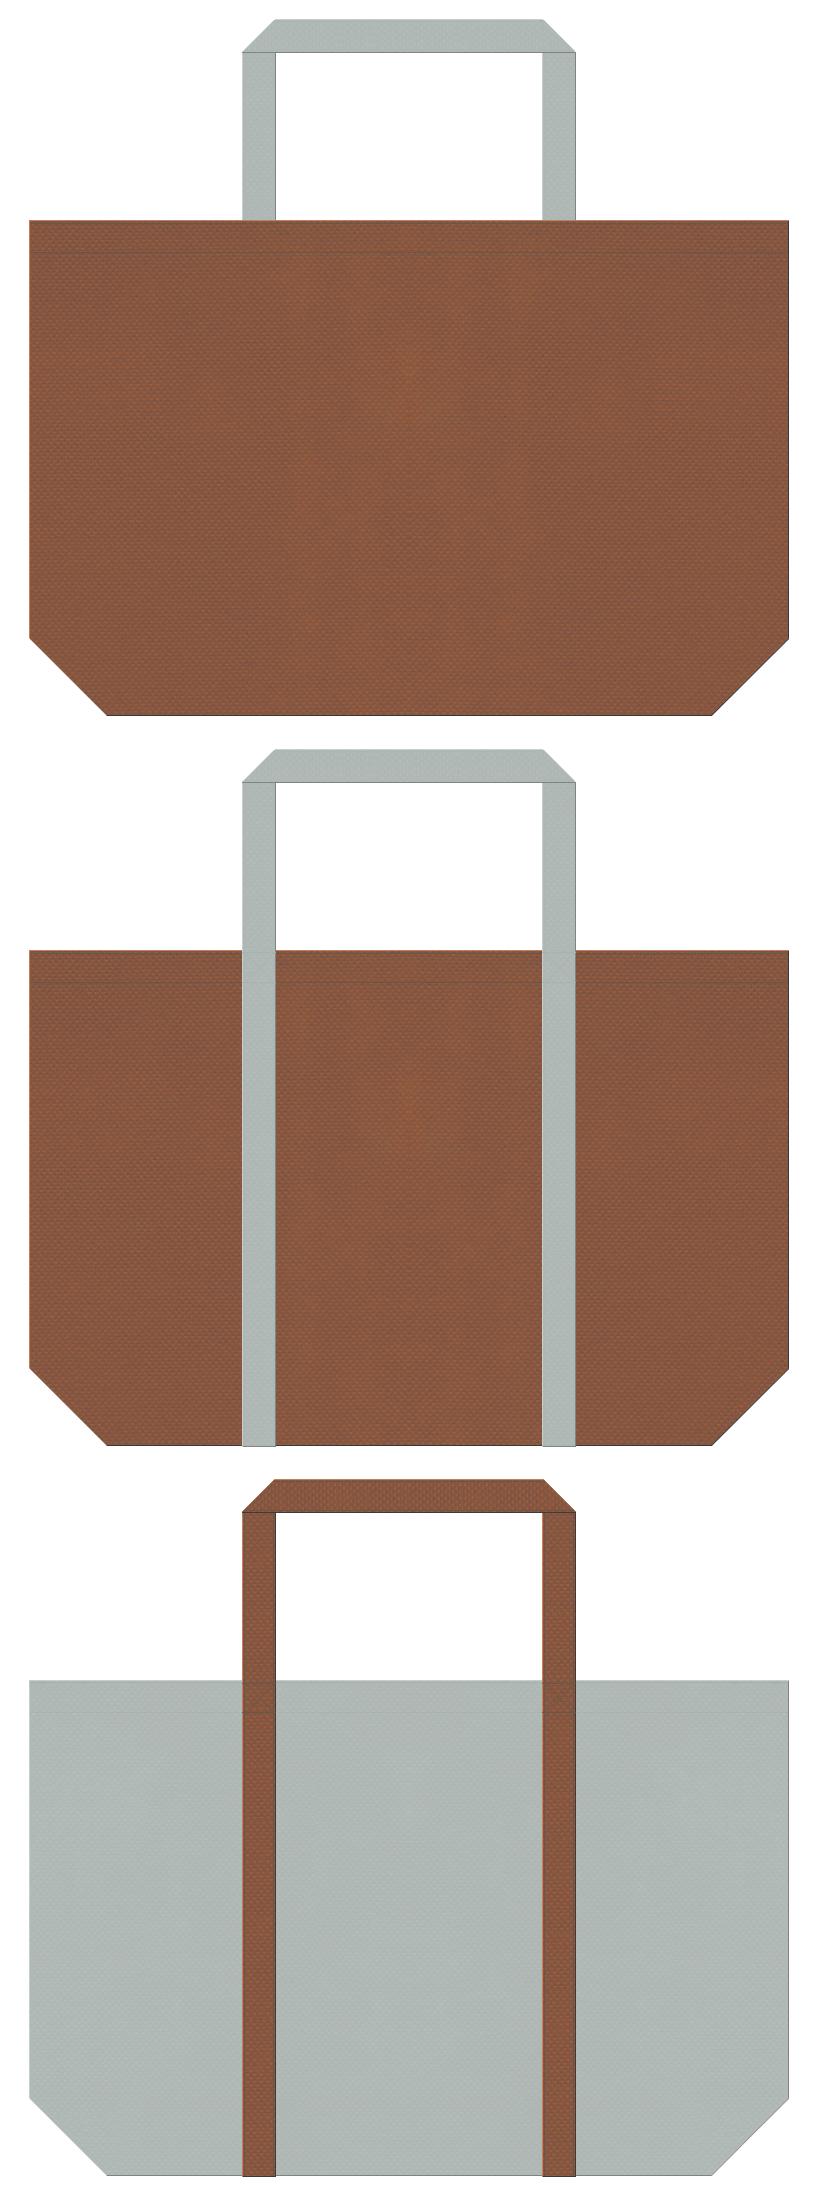 ニット・セーター・アウター・レギンス・秋冬ファッション・アウトレットのショッピングバッグにお奨めの不織布バッグデザイン:茶色とグレー色のコーデ